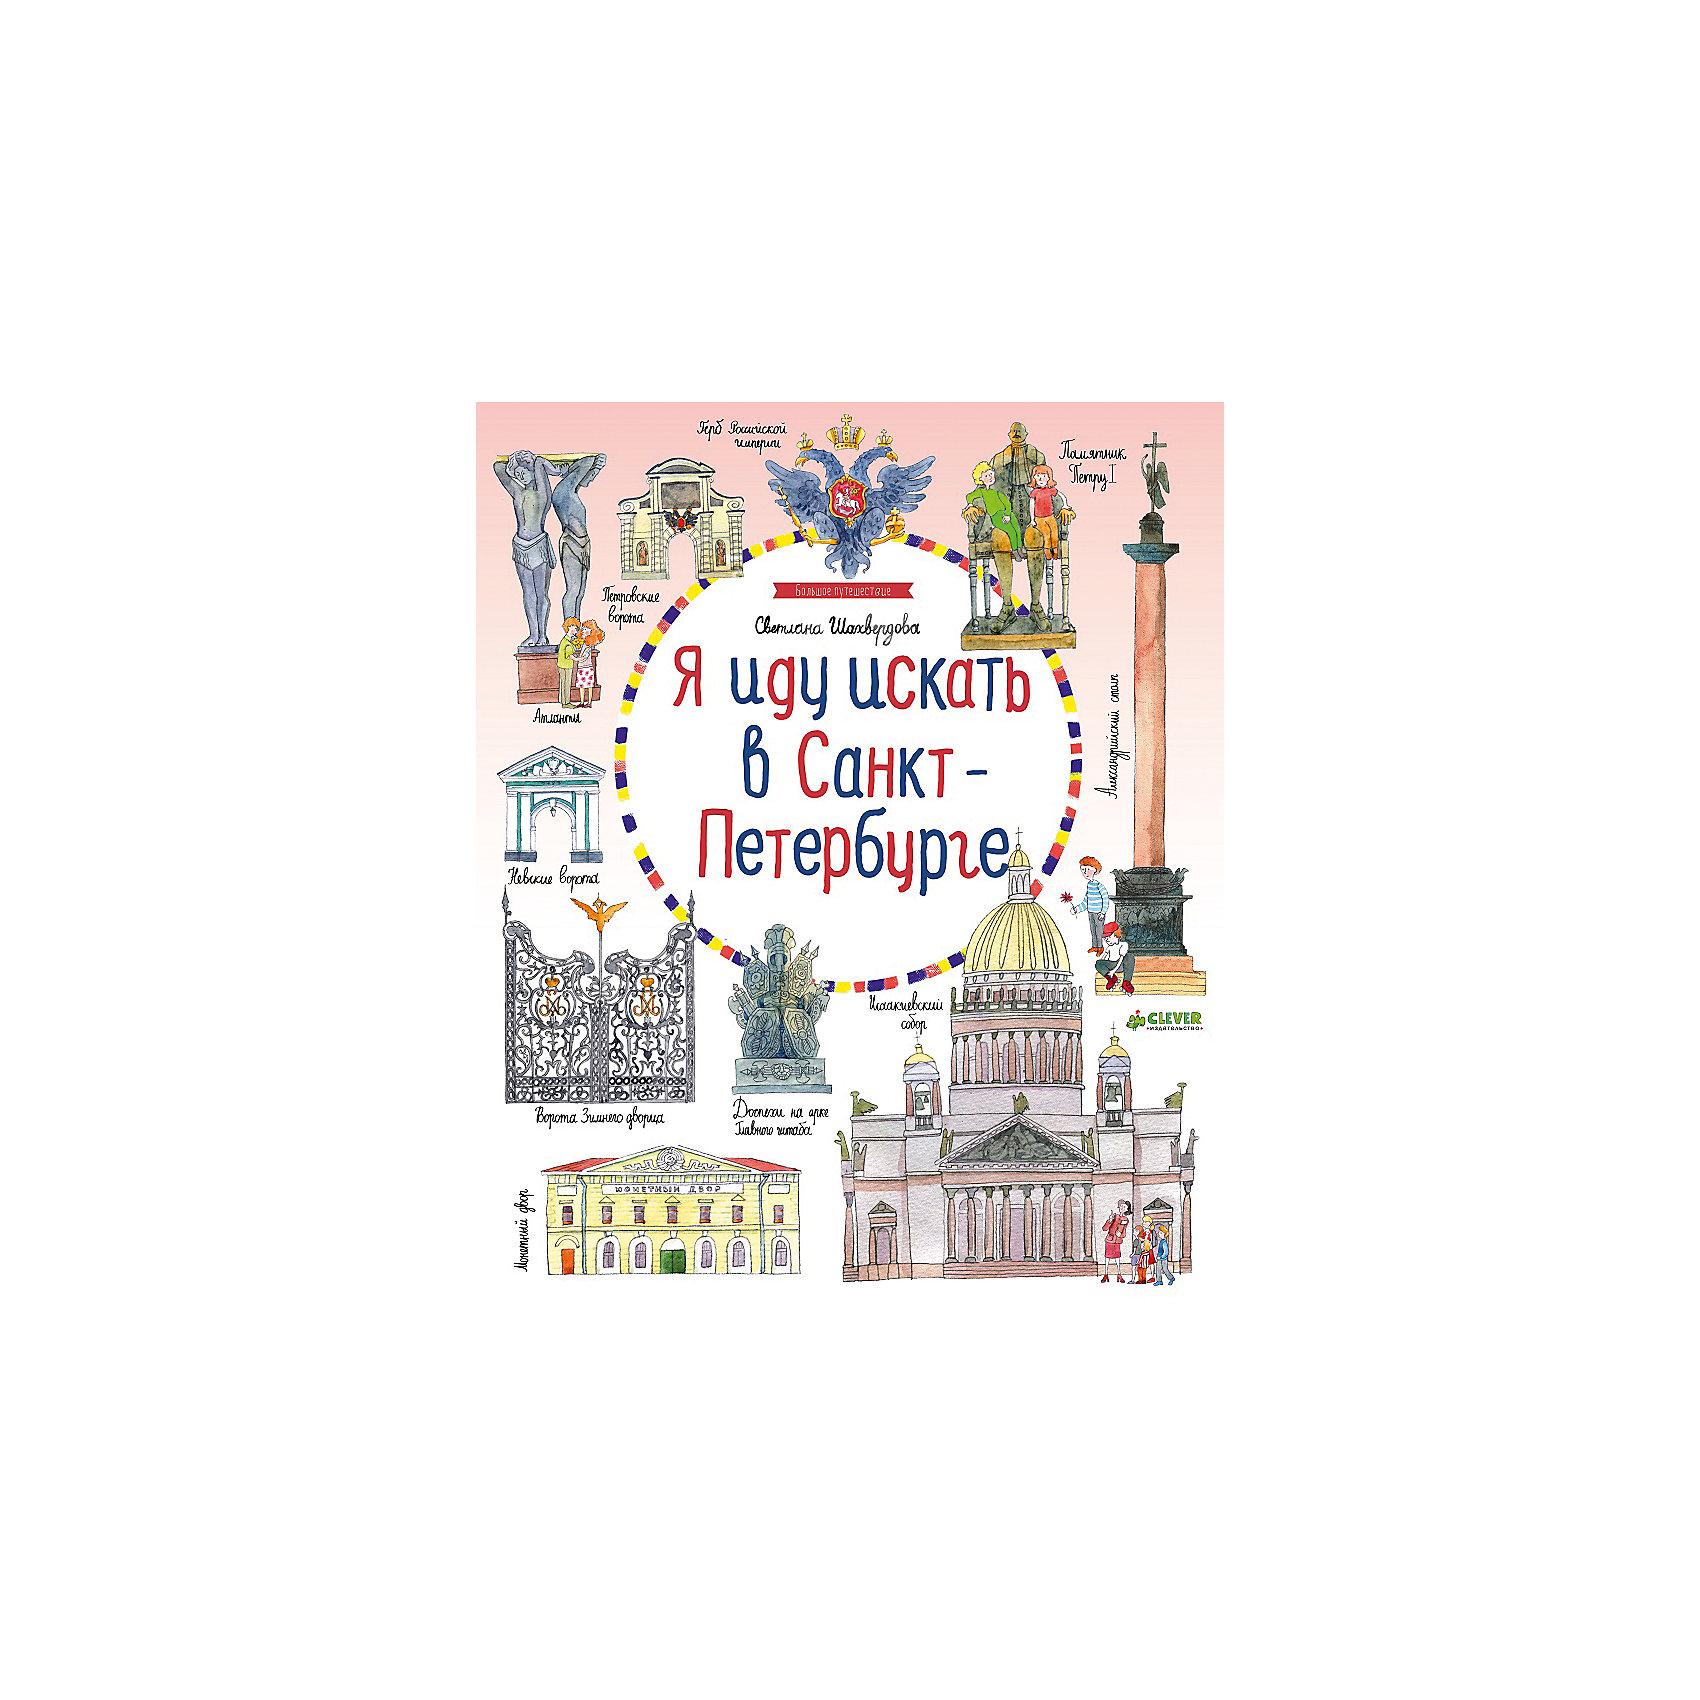 Я иду искать в Санкт-Петербурге, С. Шахвердова (Карлова)Виммельбухи<br>Я иду искать в Санкт-Петербурге, С. Шахвердова (Карлова).<br><br>Характеристики:<br><br>- Издательство: Клевер-Медиа-Групп.<br>- Серия: Большое путешествие<br>- Размеры: 285х240х8 мм.<br>- Цветная печать.<br>- Вес: 350г.<br><br>Санкт-Петербург - это завораживающий город, где каждый квадратный метр дышит историей роскошные дворцы и мрачные крепости, величественные храмы, широкие проспекты, реки и каналы. Прогуляйтесь по современному Санкт-Петербургу, а также загляните в прошлое и узнайте, каким был город 100, 200, 300 лет назад. Как выглядел герб Санкт-Петербурга? С помощью каких инструментов строили Петропавловскую крепость? Как выглядела первая в мире подводная лодка? Совершите экскурсию по Санкт-Петербургу, не выходя из дома!<br><br>Я иду искать в Санкт-Петербурге, С. Шахвердова (Карлова), можно купить в нашем интернет – магазине.<br><br>Ширина мм: 285<br>Глубина мм: 240<br>Высота мм: 10<br>Вес г: 350<br>Возраст от месяцев: 48<br>Возраст до месяцев: 72<br>Пол: Унисекс<br>Возраст: Детский<br>SKU: 5377760